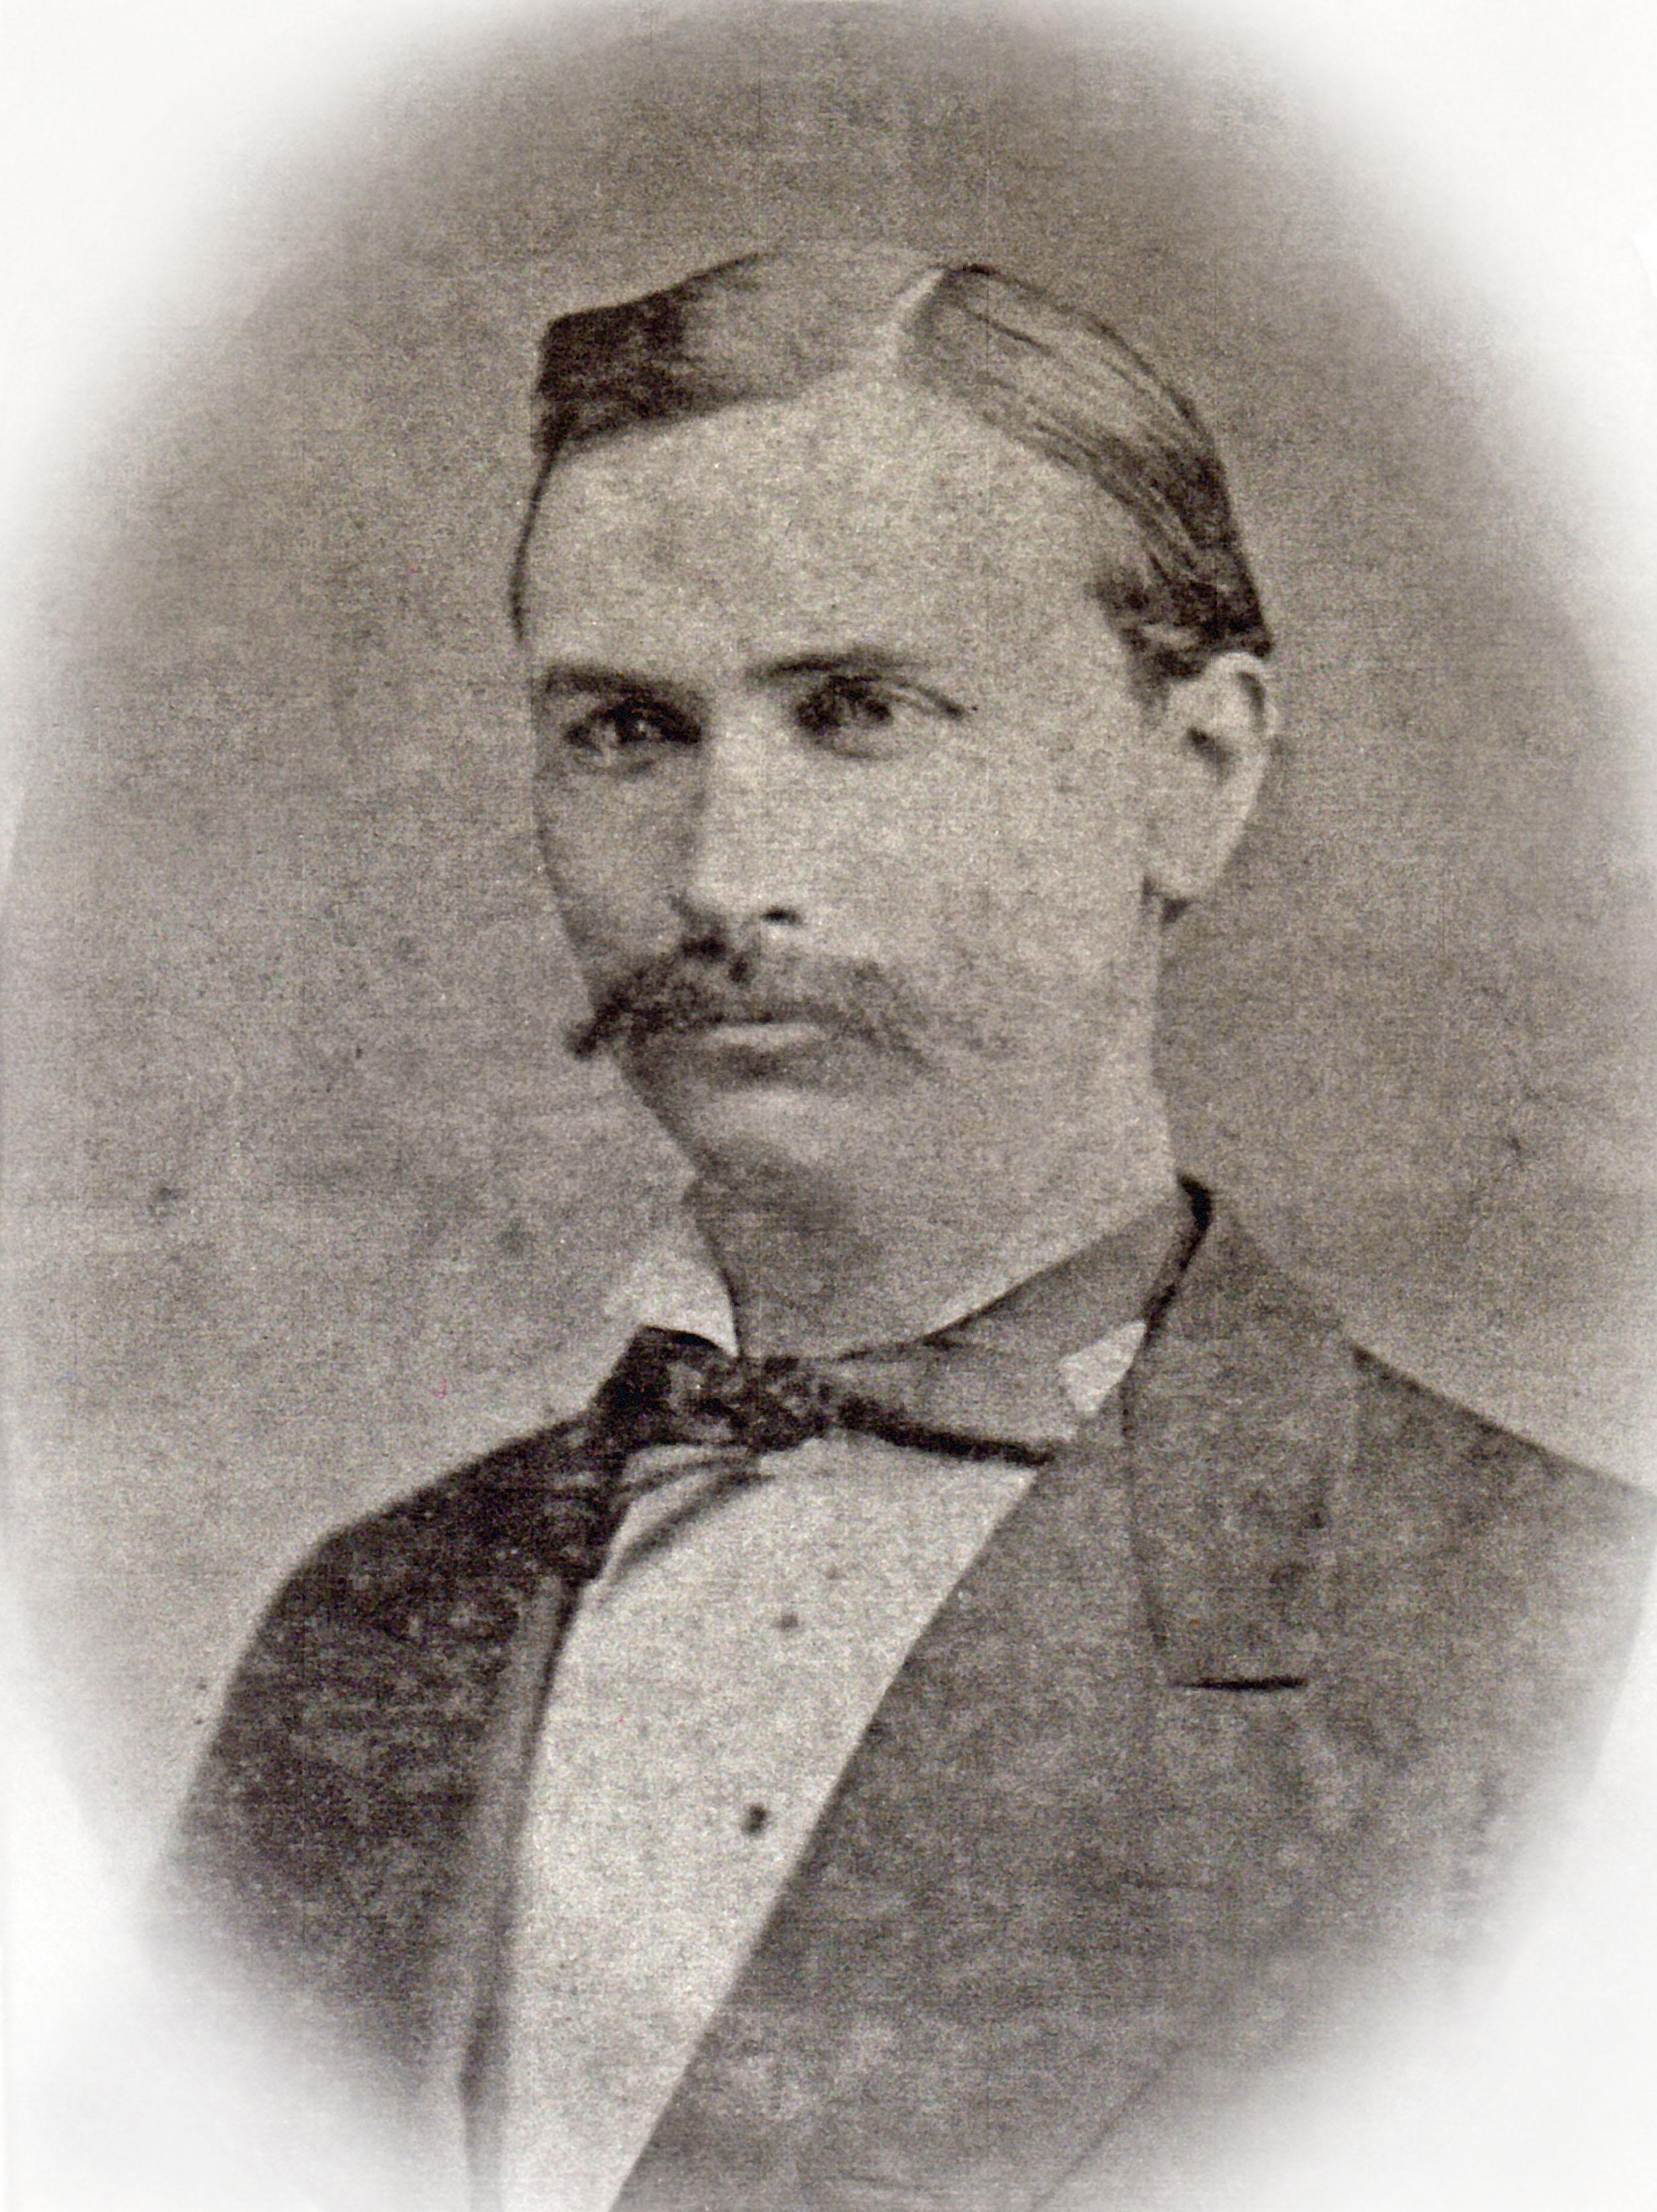 John L Frierson